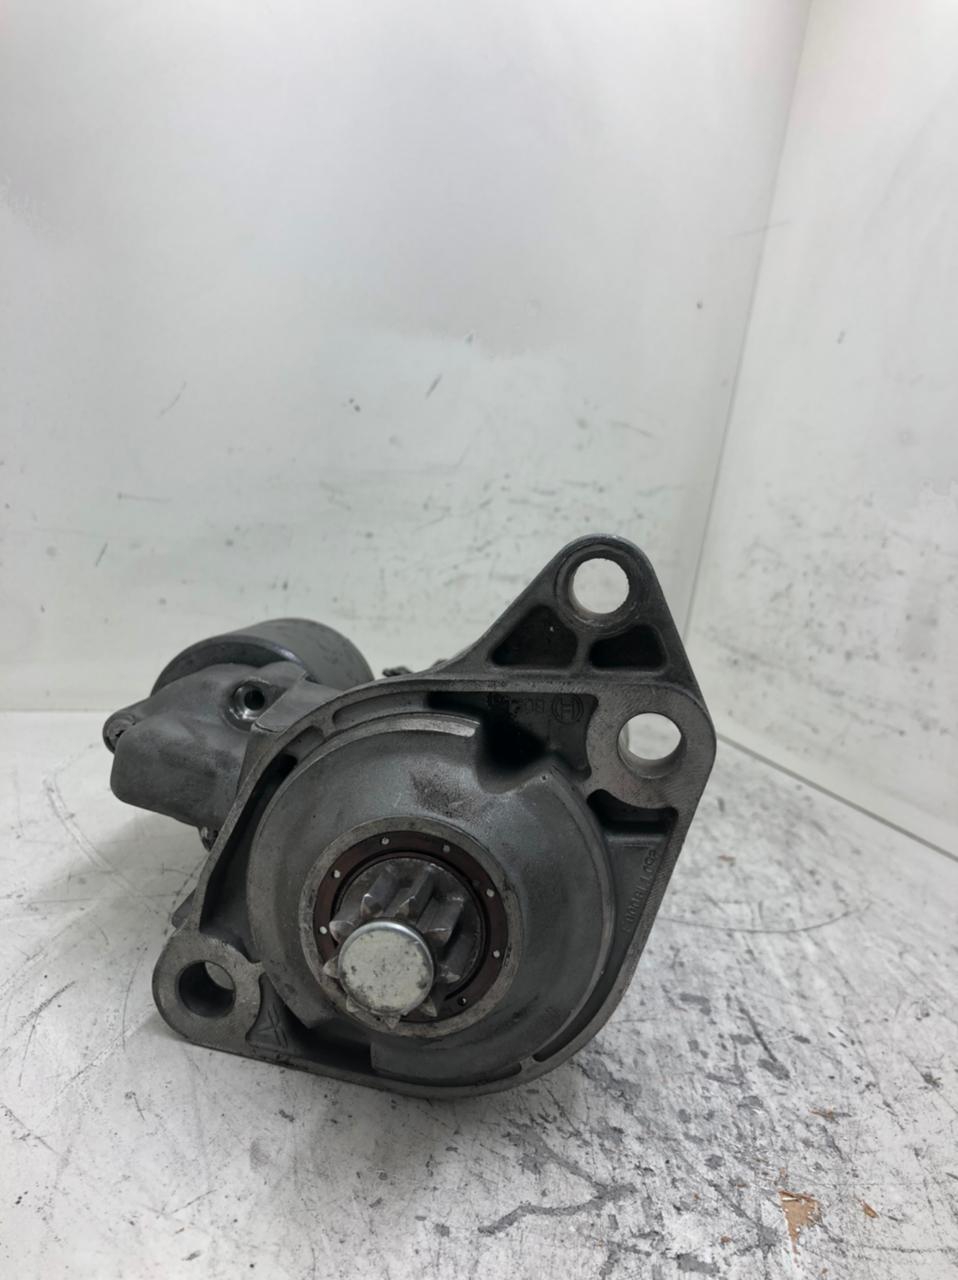 Motor de Arranque Audi A3 Vw Golf 1.6 2.0 12V 9D Reformado 0011210060  BP1443104M8 0020911023F